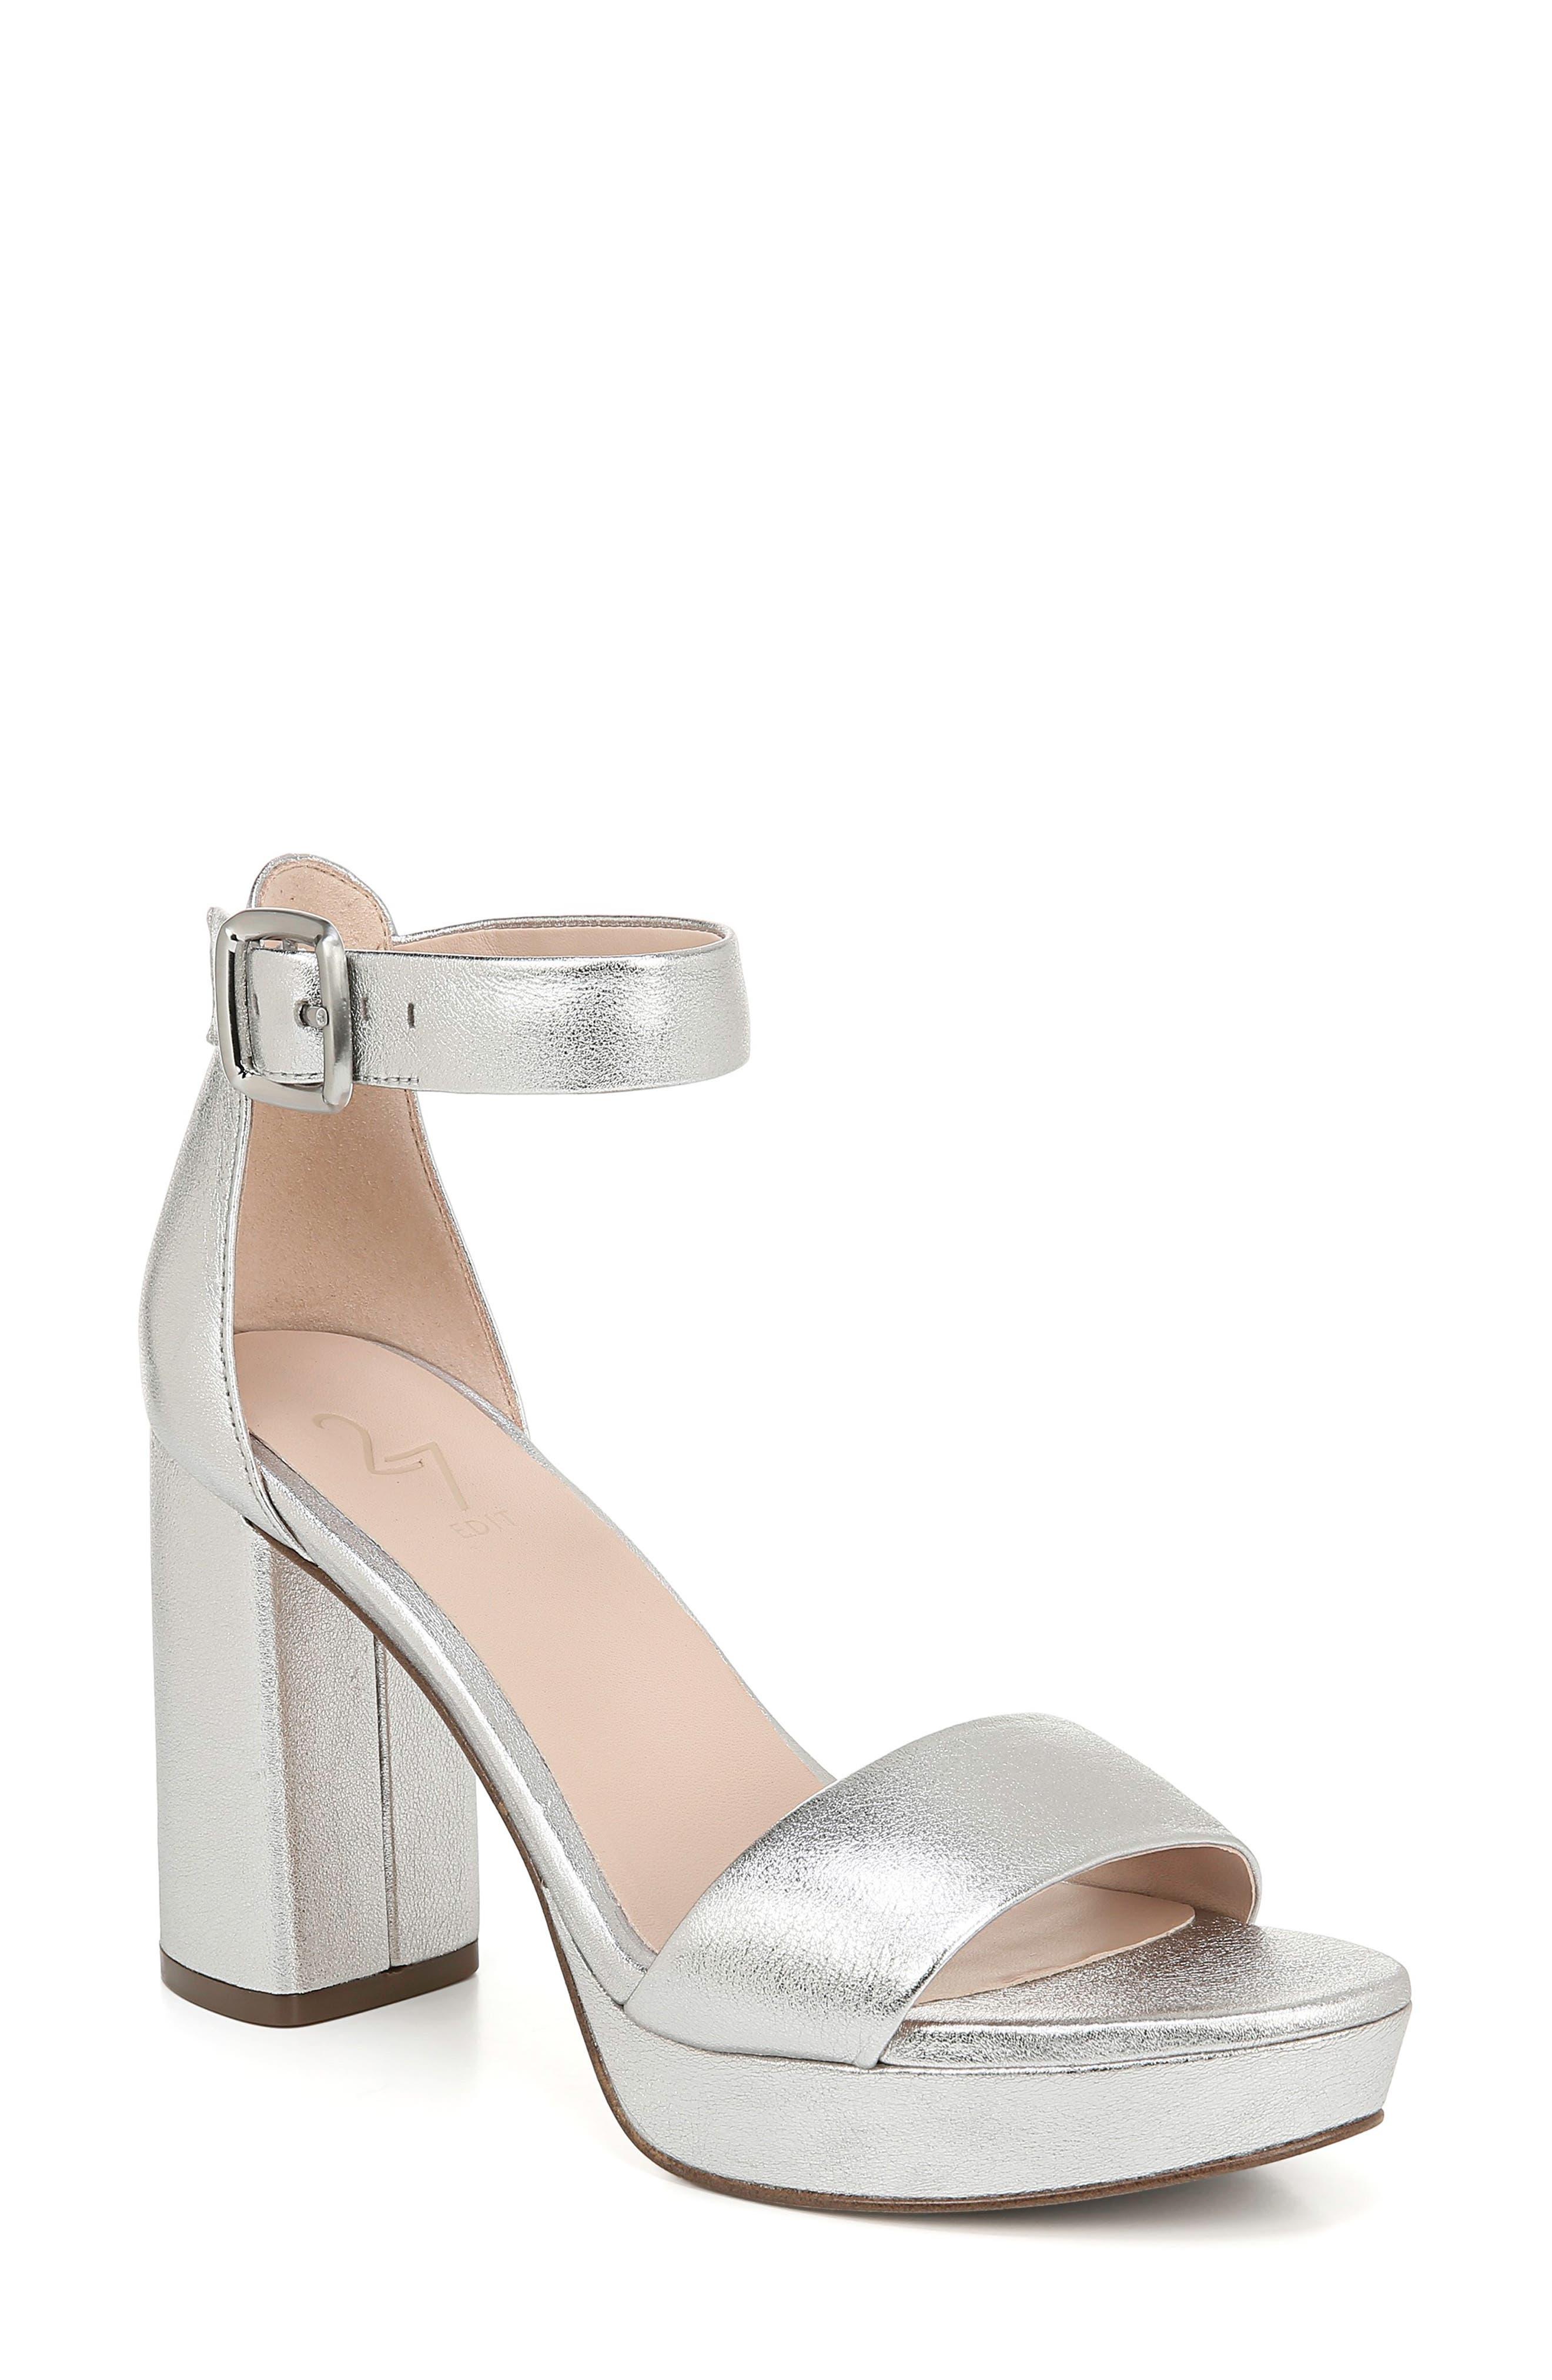 70s Clothes | Hippie Clothes & Outfits Womens 27 Edit Briar Platform Sandal Size 8 W - Metallic $49.99 AT vintagedancer.com